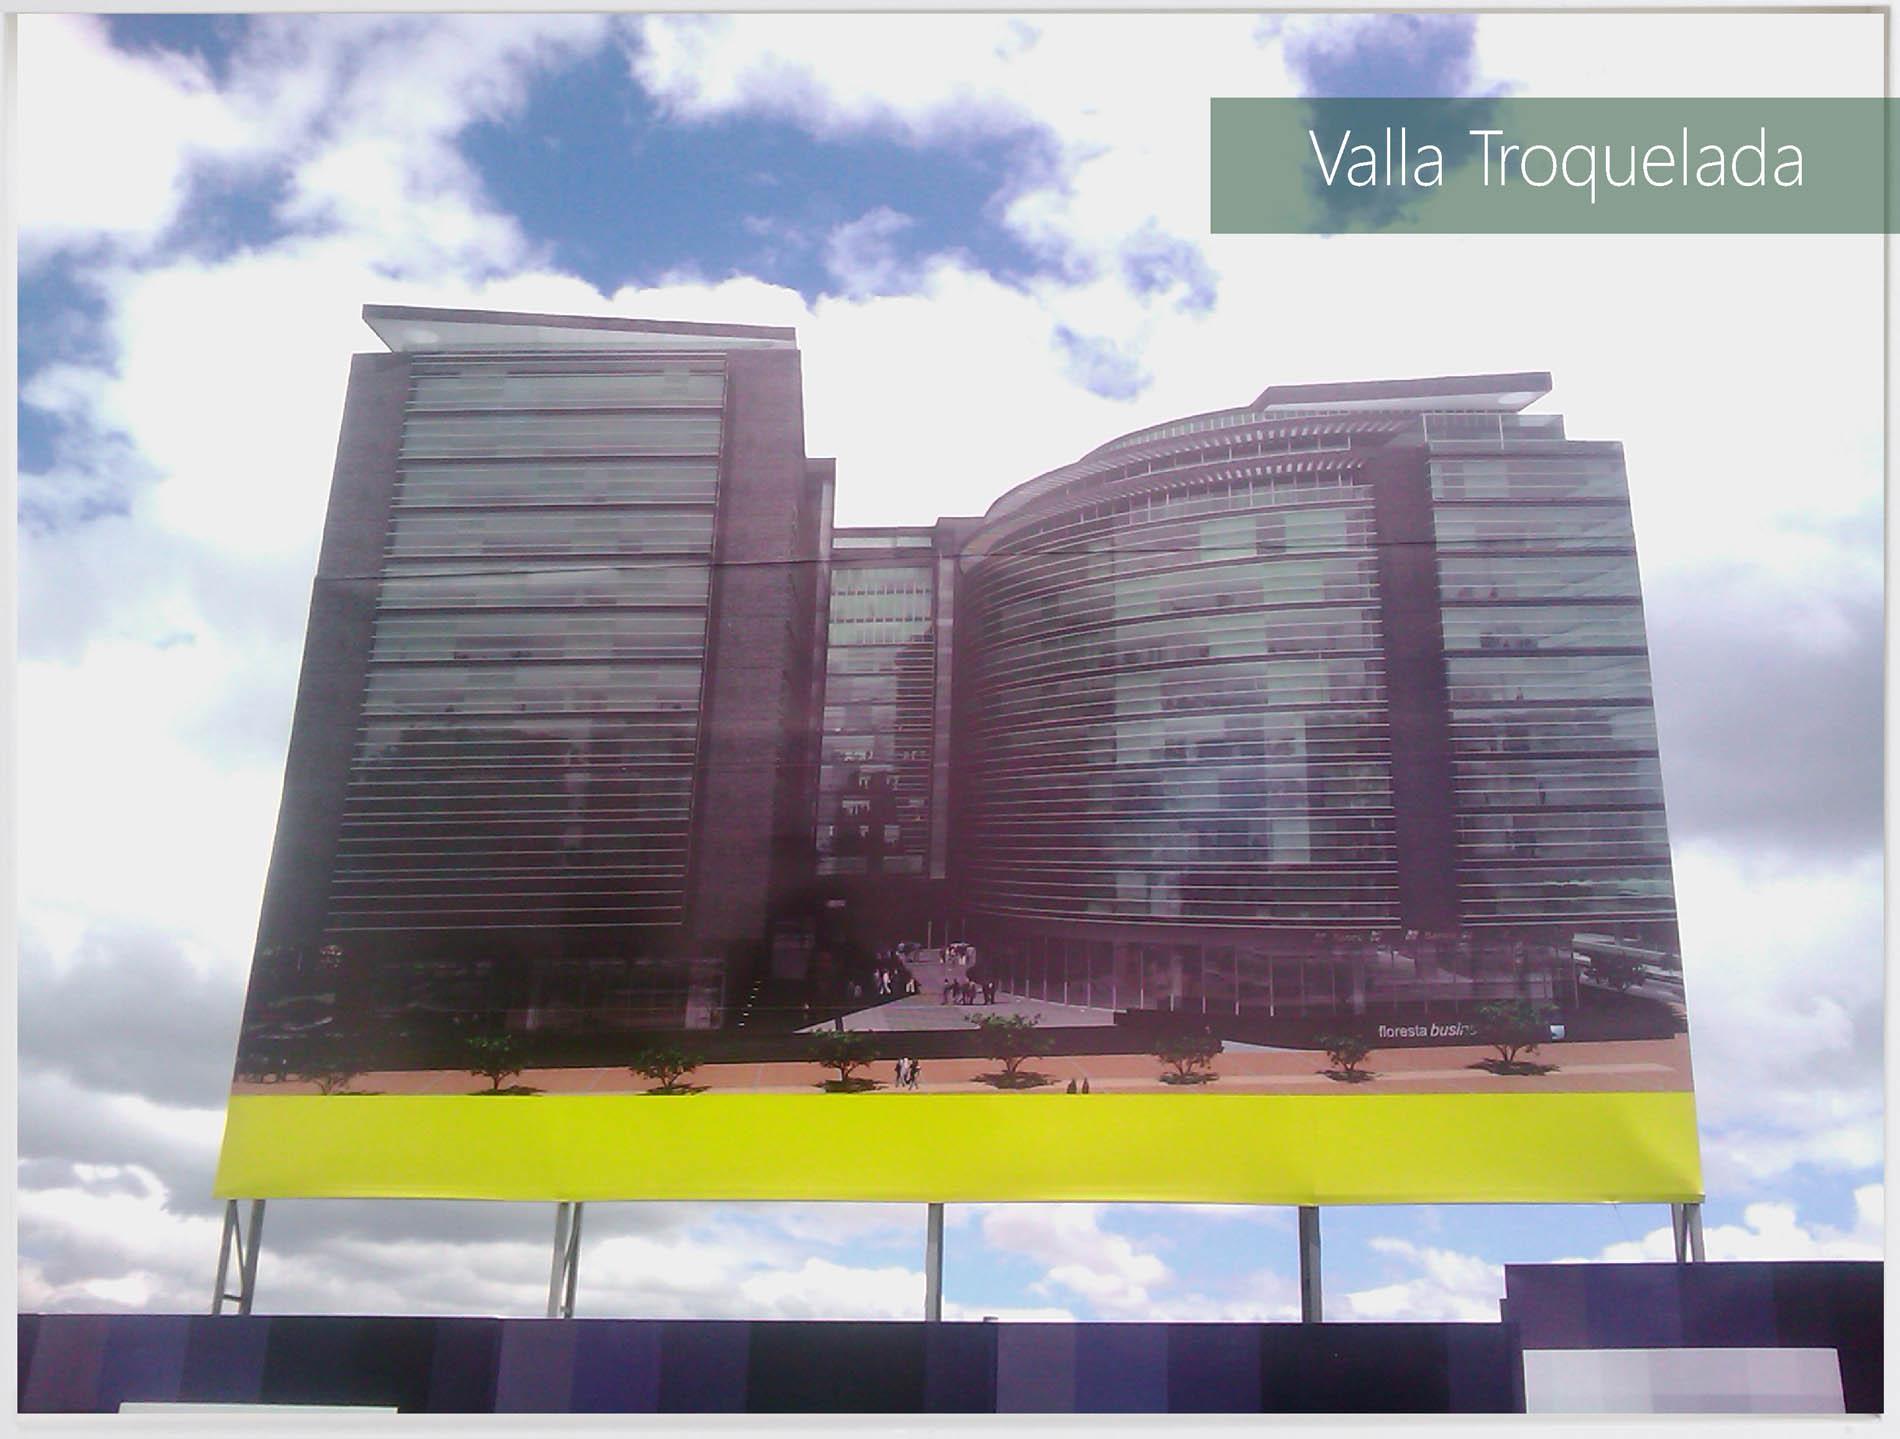 46_valla_troquelada_ggcm